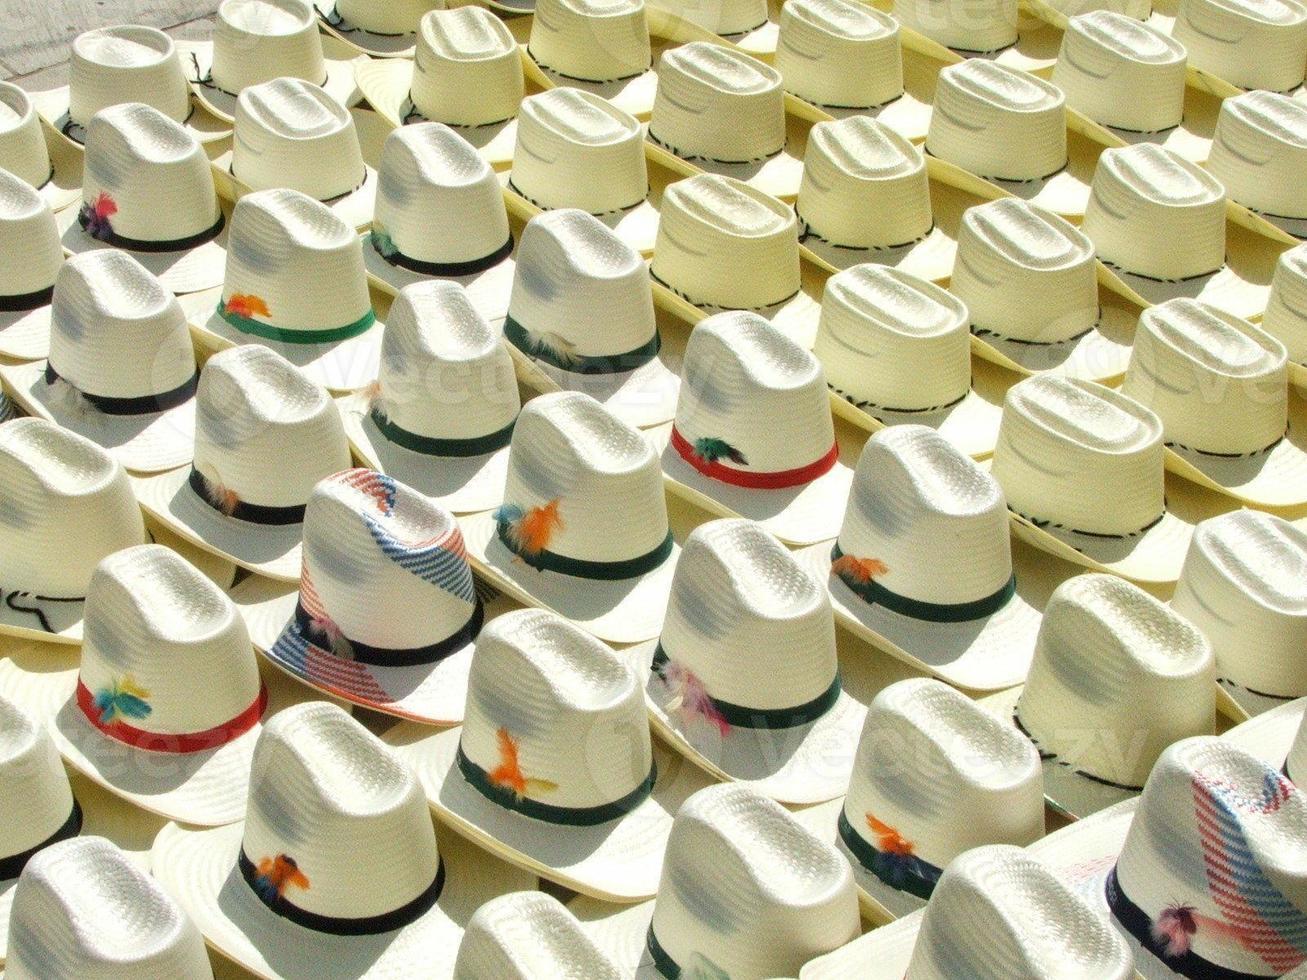 chapeaux stetson photo